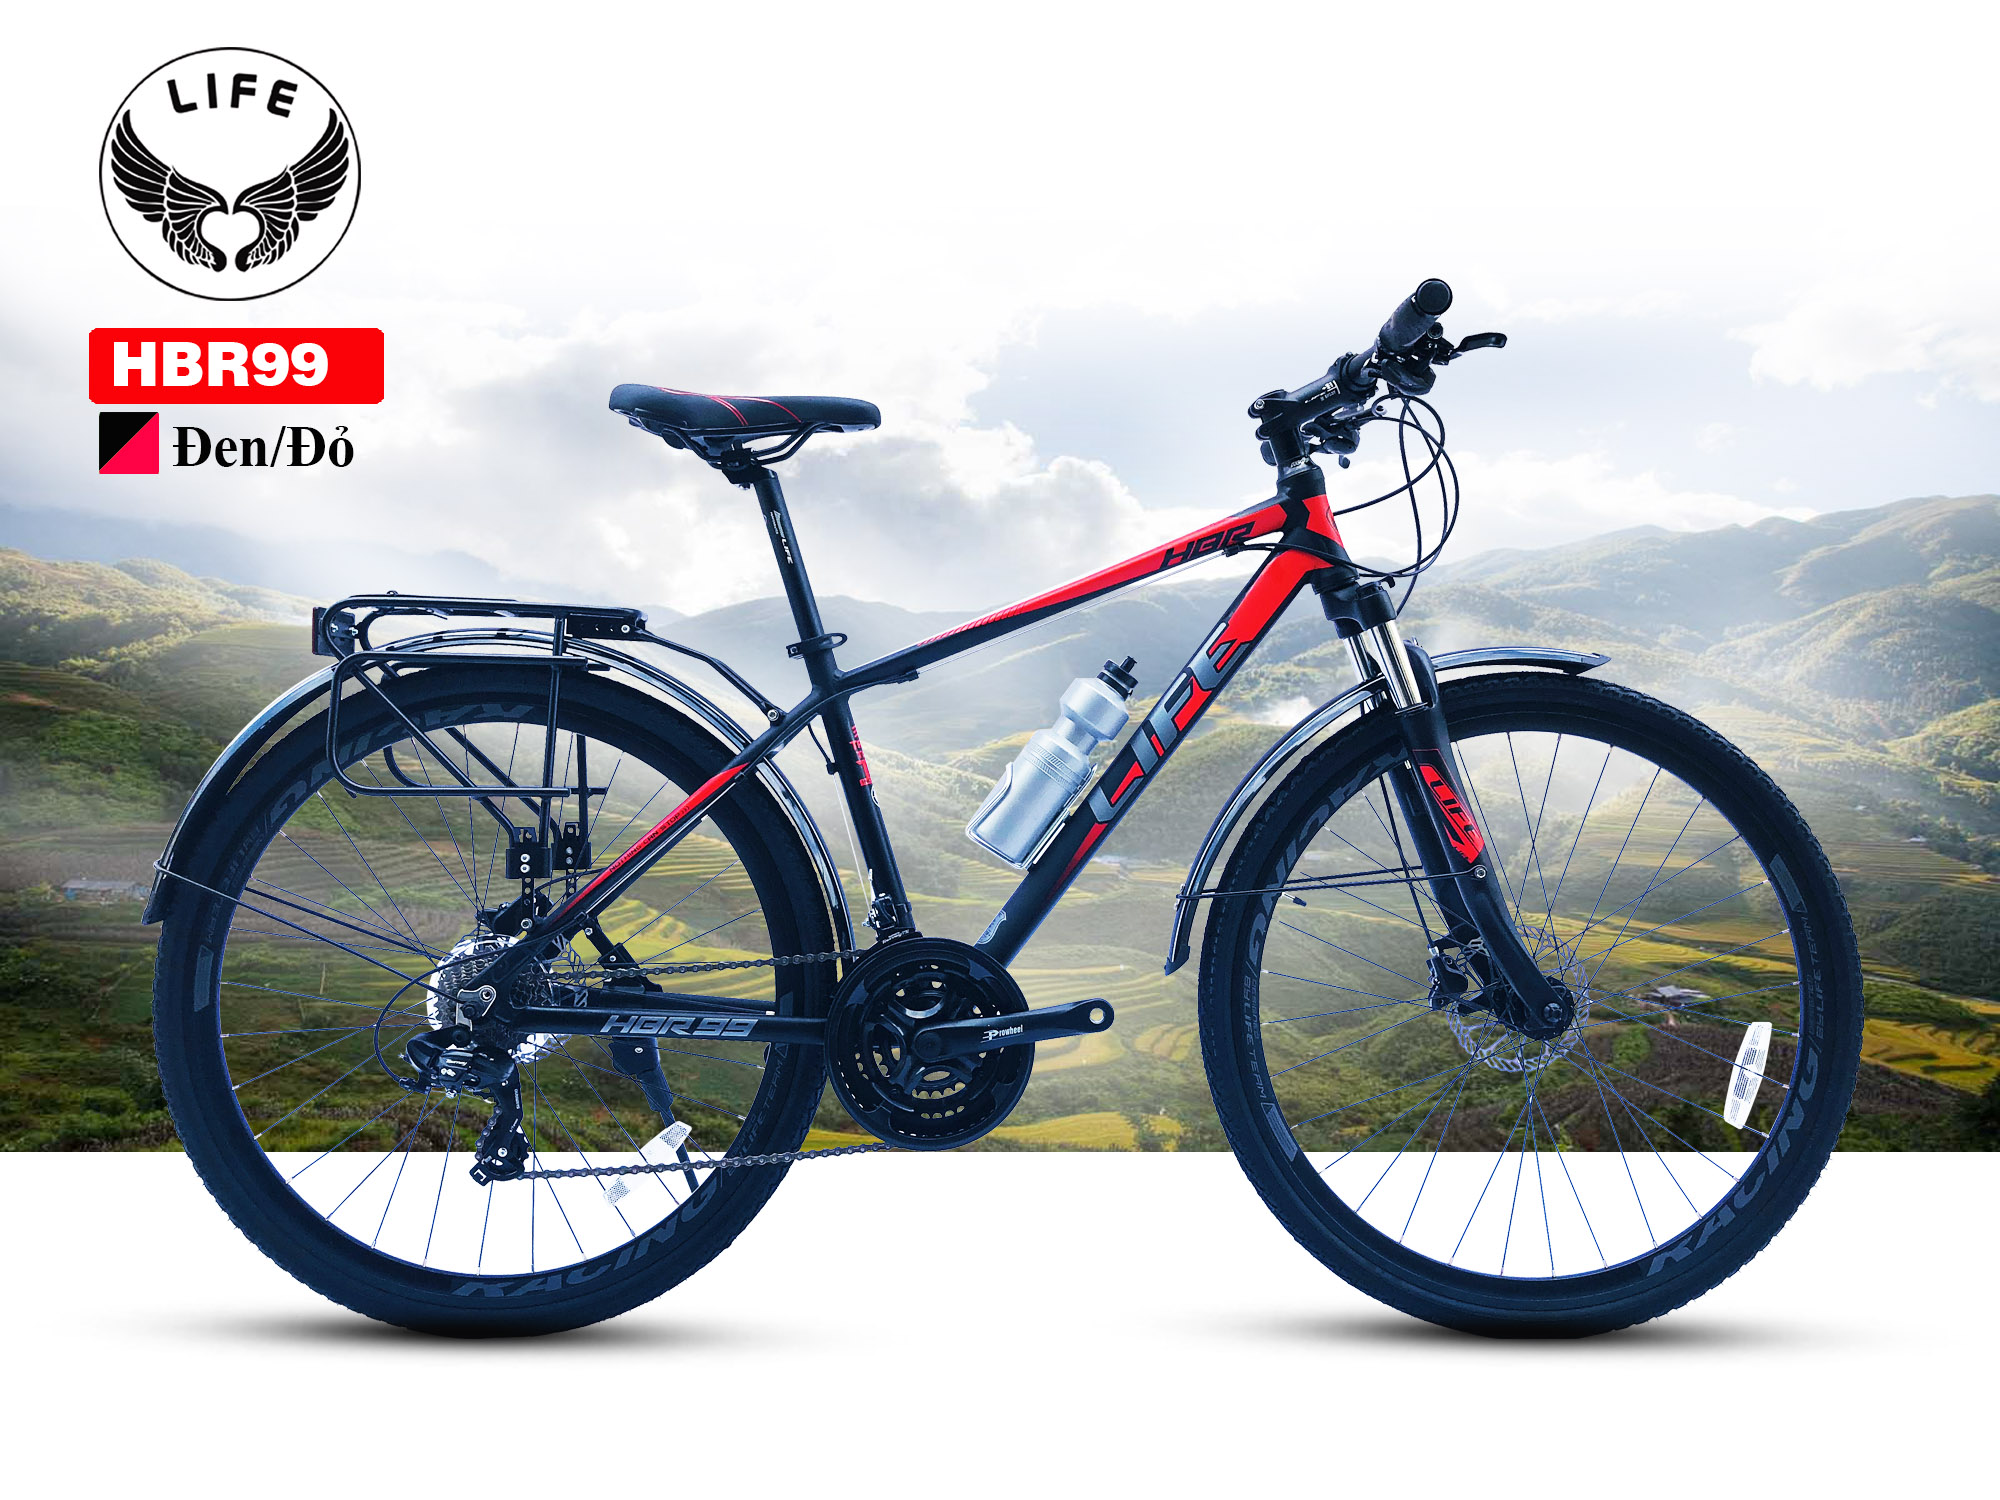 Xe đạp Hybrid Life HBR99 màu đen đỏ